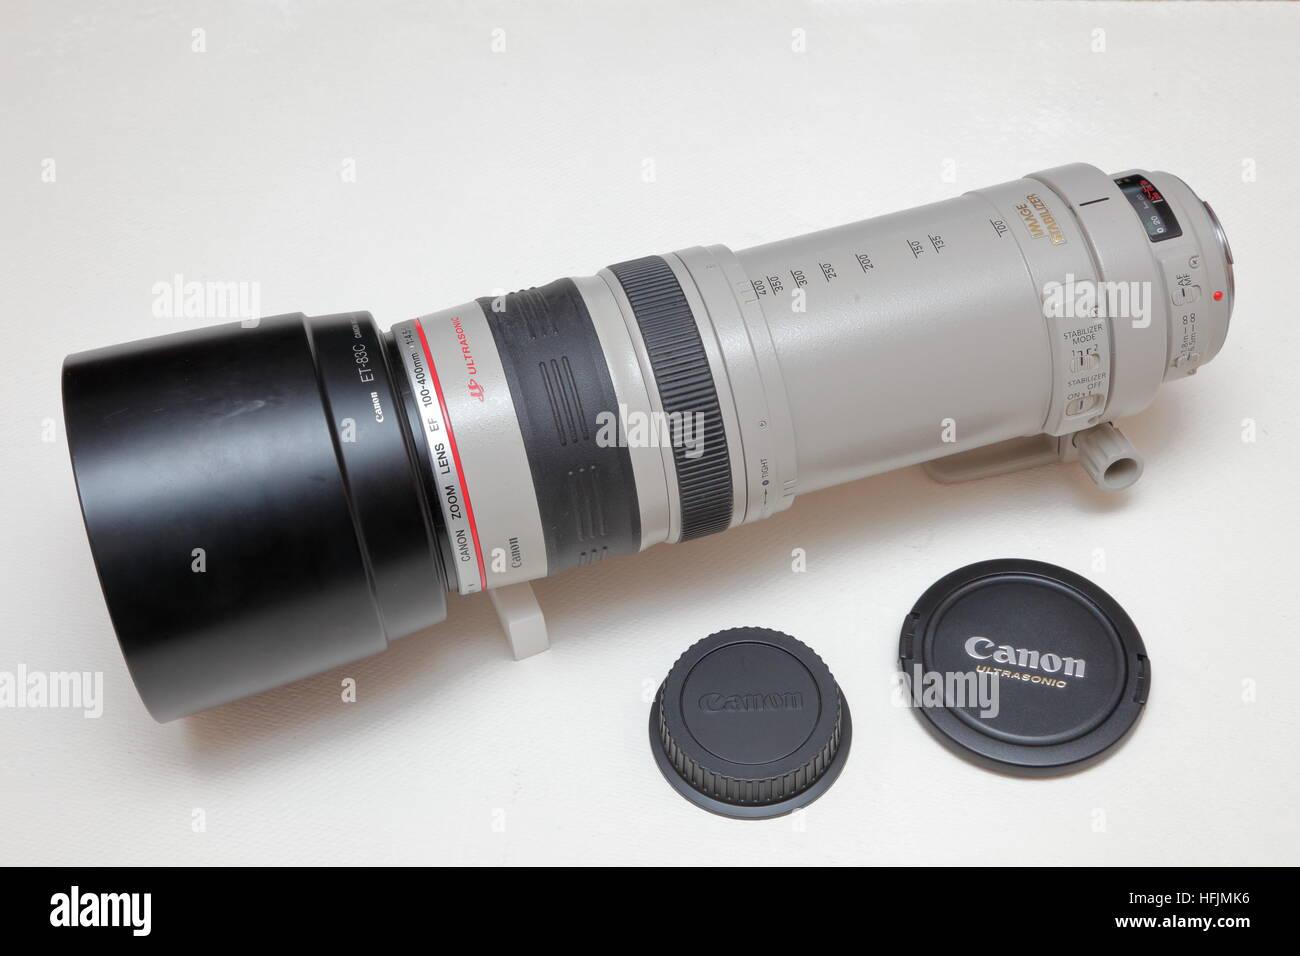 Increíble Canon Lente De Fotograma Completo Componente - Ideas de ...